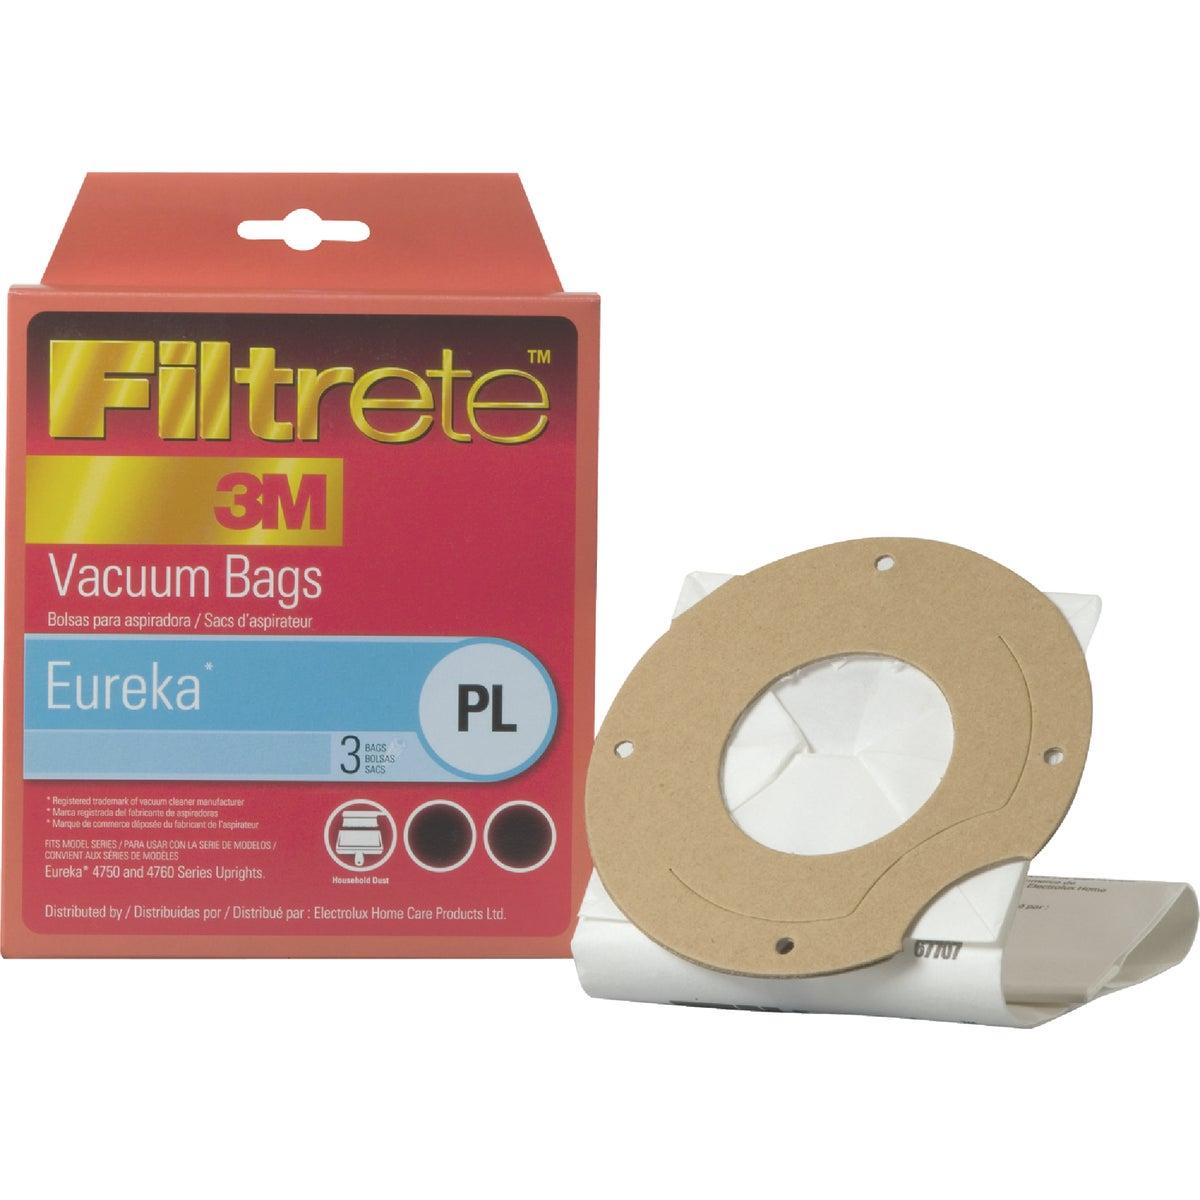 3M Filtrete Eureka Type PL Allergen Vacuum Bag (3-Pack)